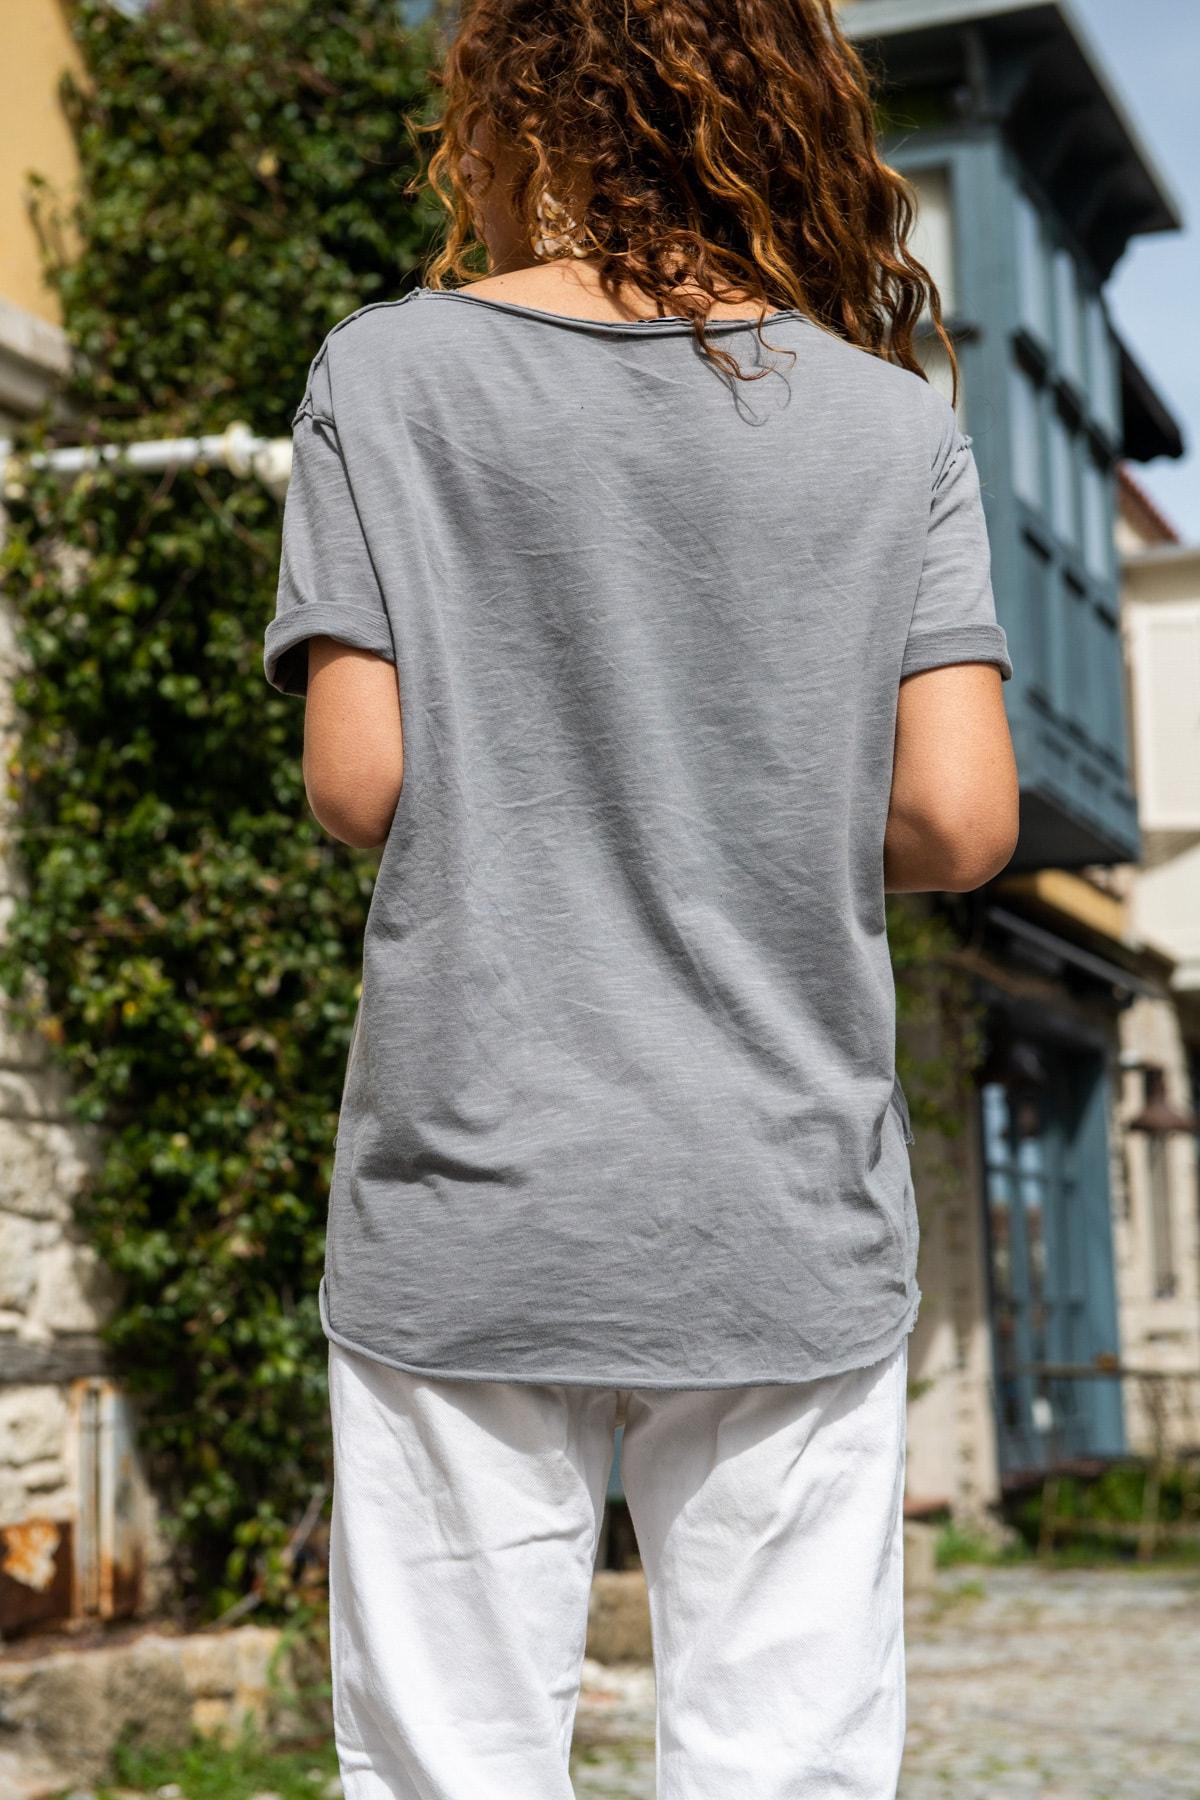 Güneşkızı Kadın Gri Yıkamalı Fileli Yıldız Baskılı Salaş T-Shirt GK-RSD2031 2